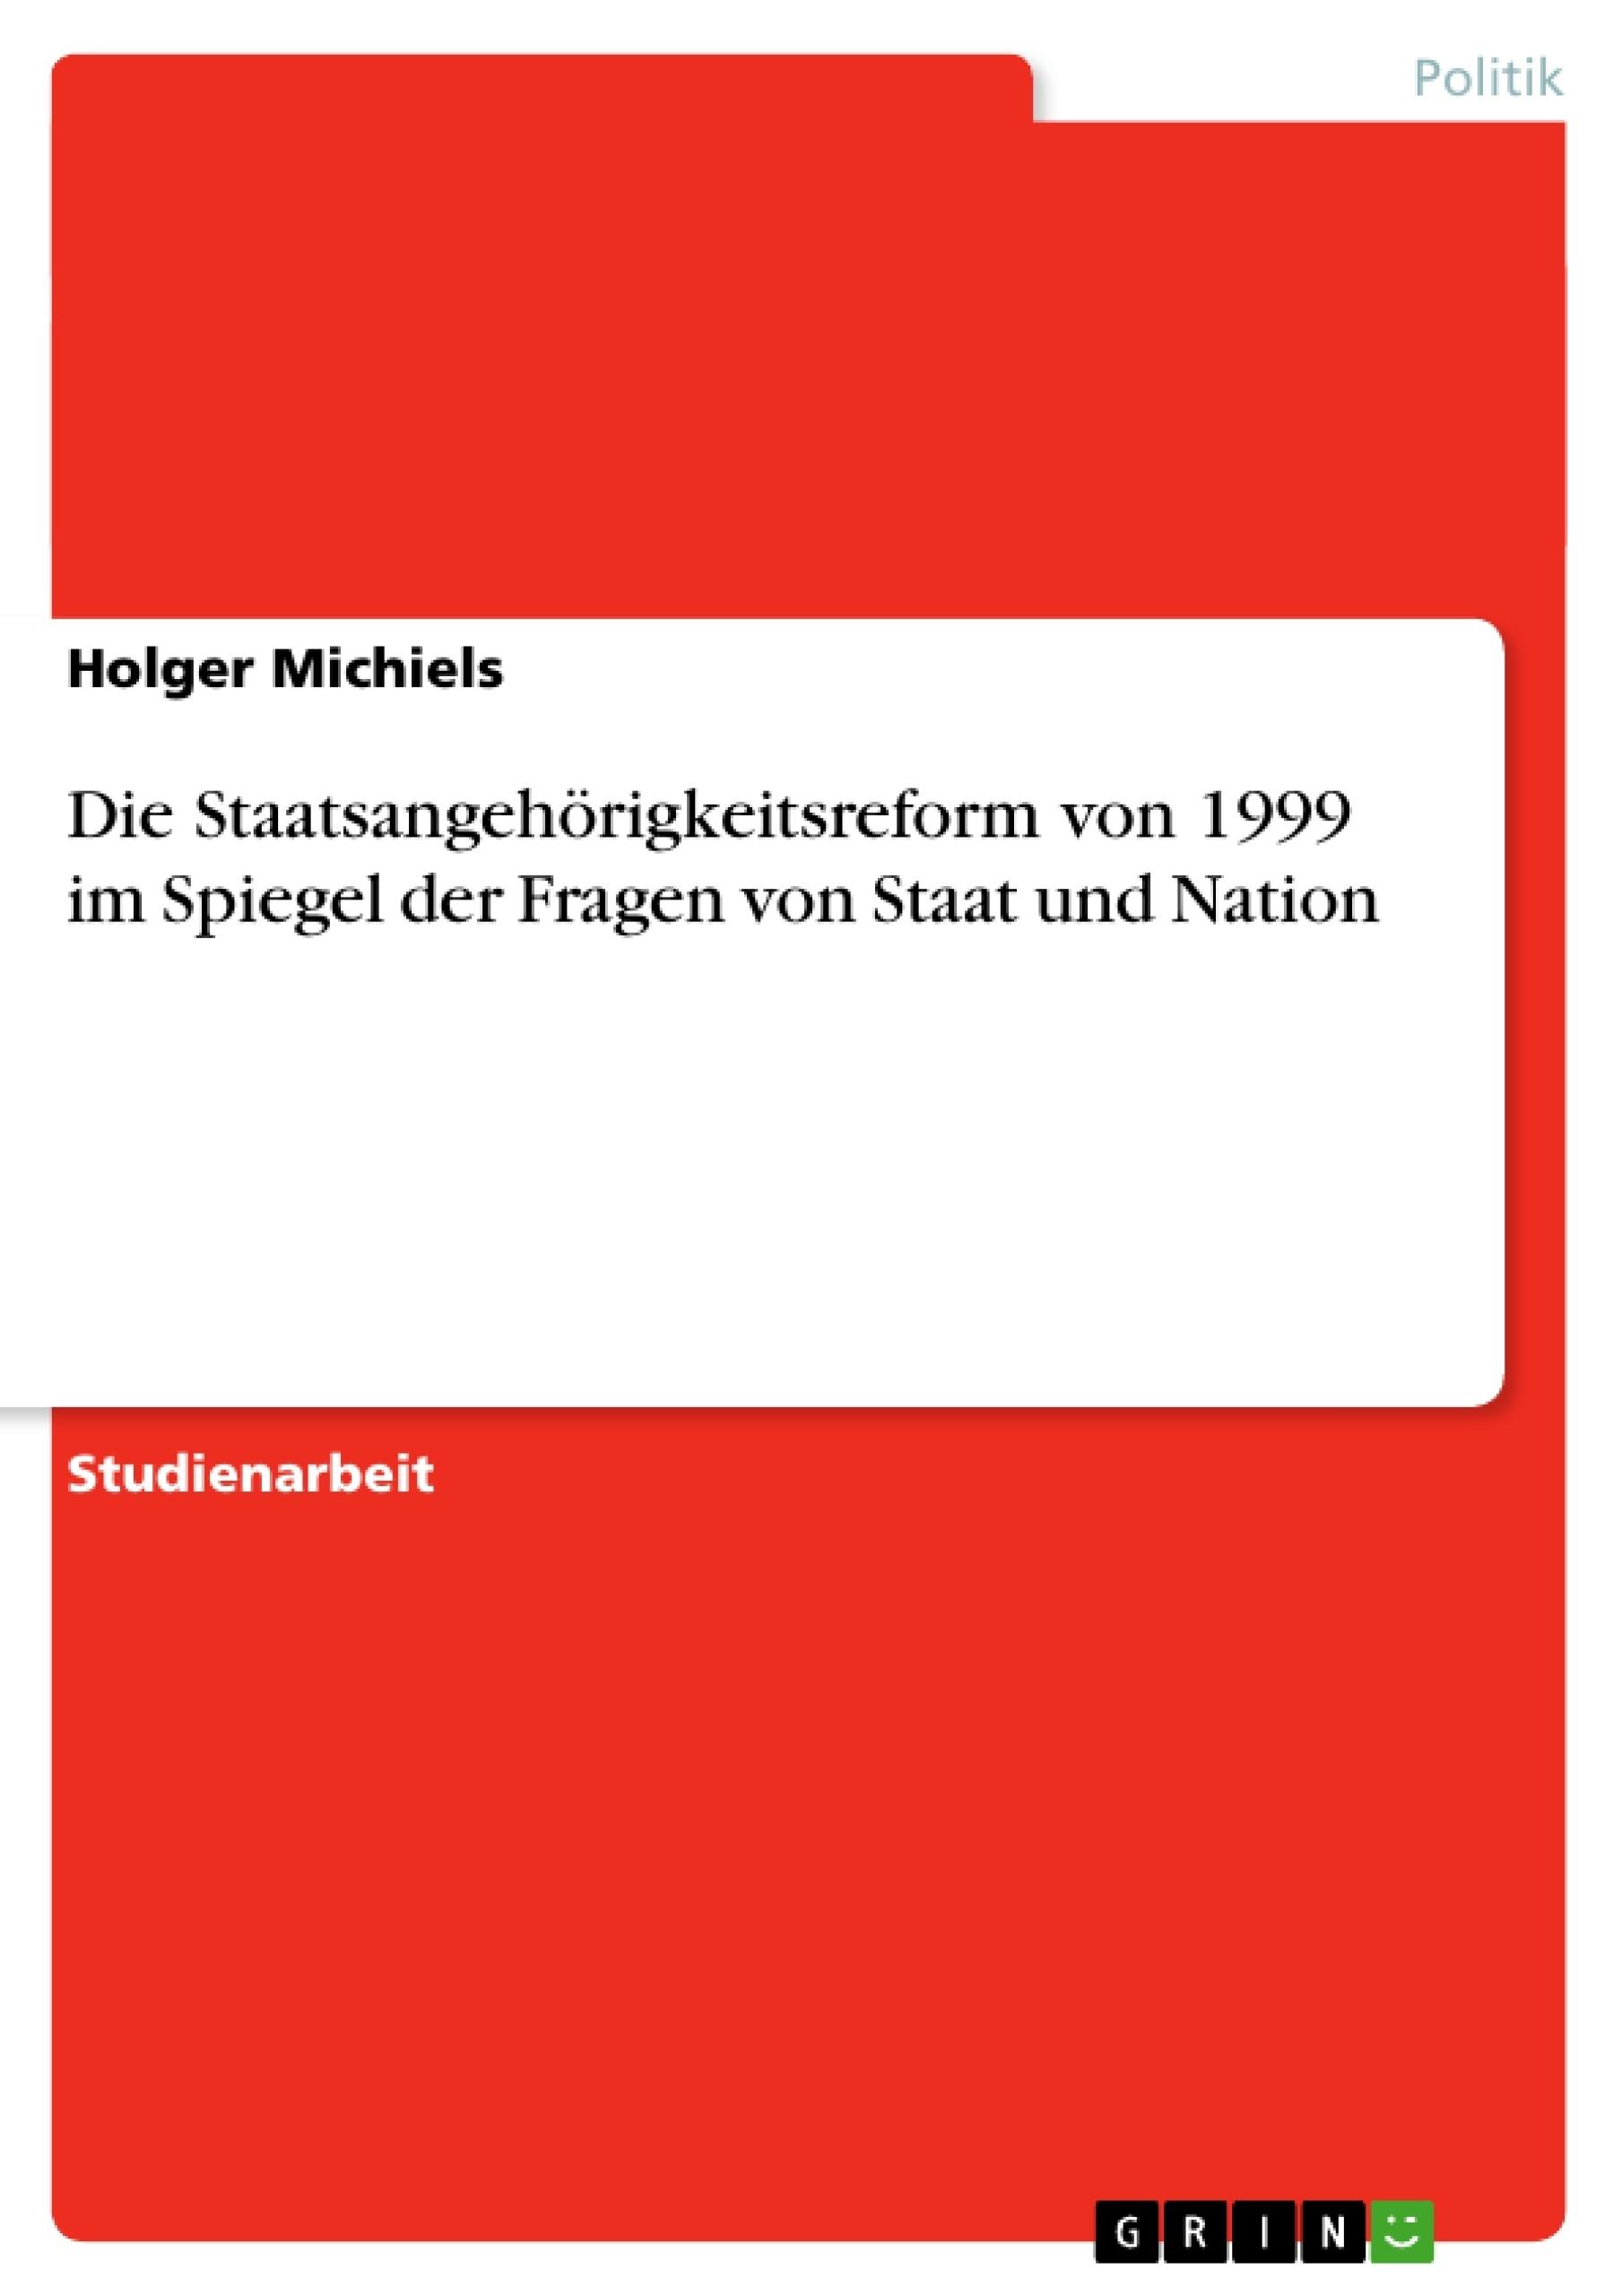 Titel: Die Staatsangehörigkeitsreform von 1999 im Spiegel der Fragen von Staat und Nation